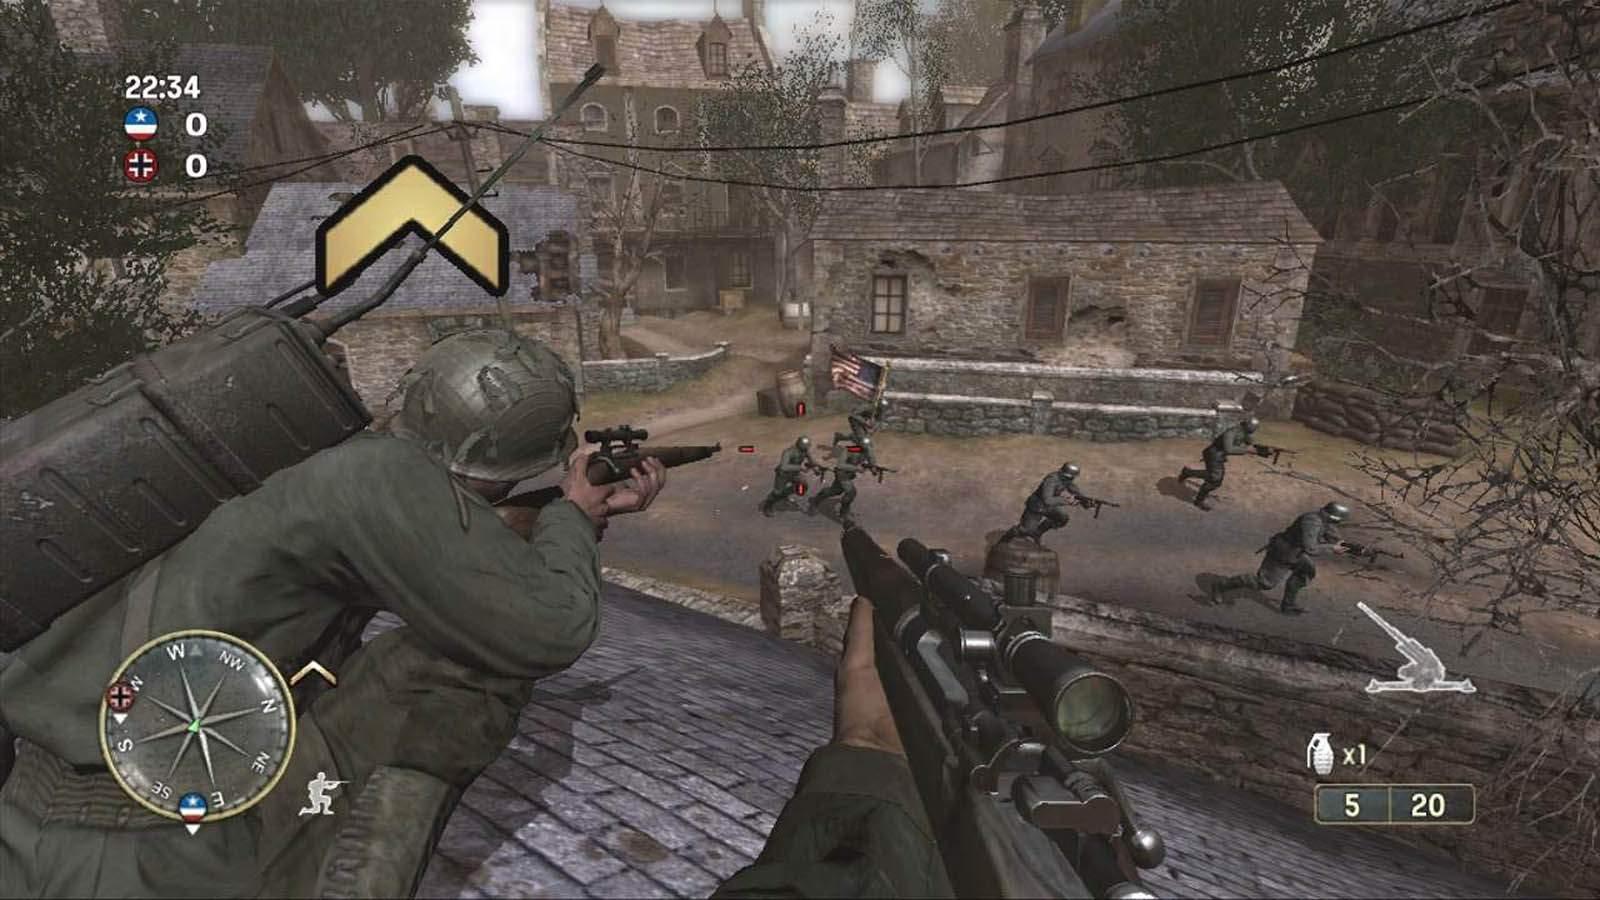 تحميل لعبة Call of Duty 3 مضغوطة بروابط مباشرة كاملة مجانا